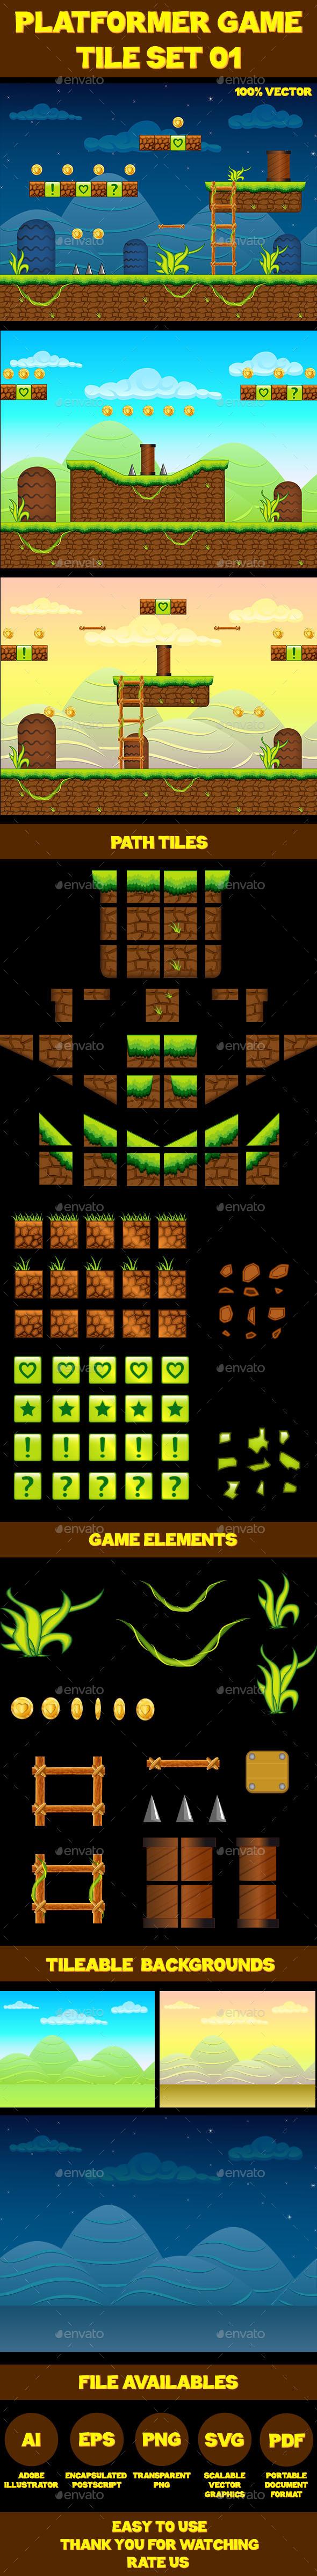 Platform Game Tile Set 01 - Tilesets Game Assets